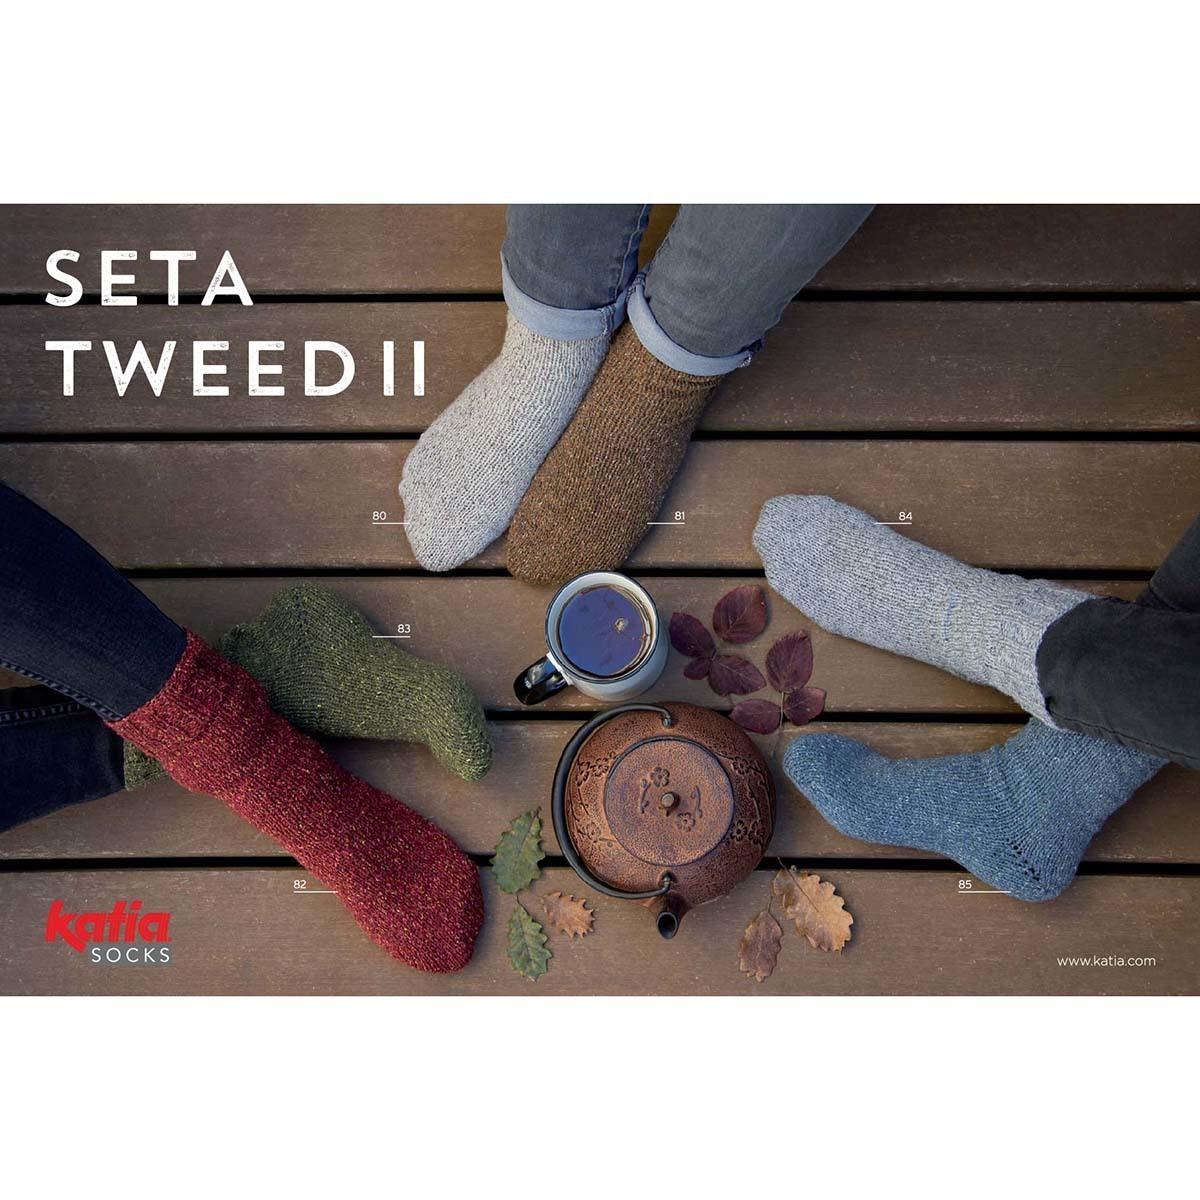 Katia Seta Tweed II Socks - 81